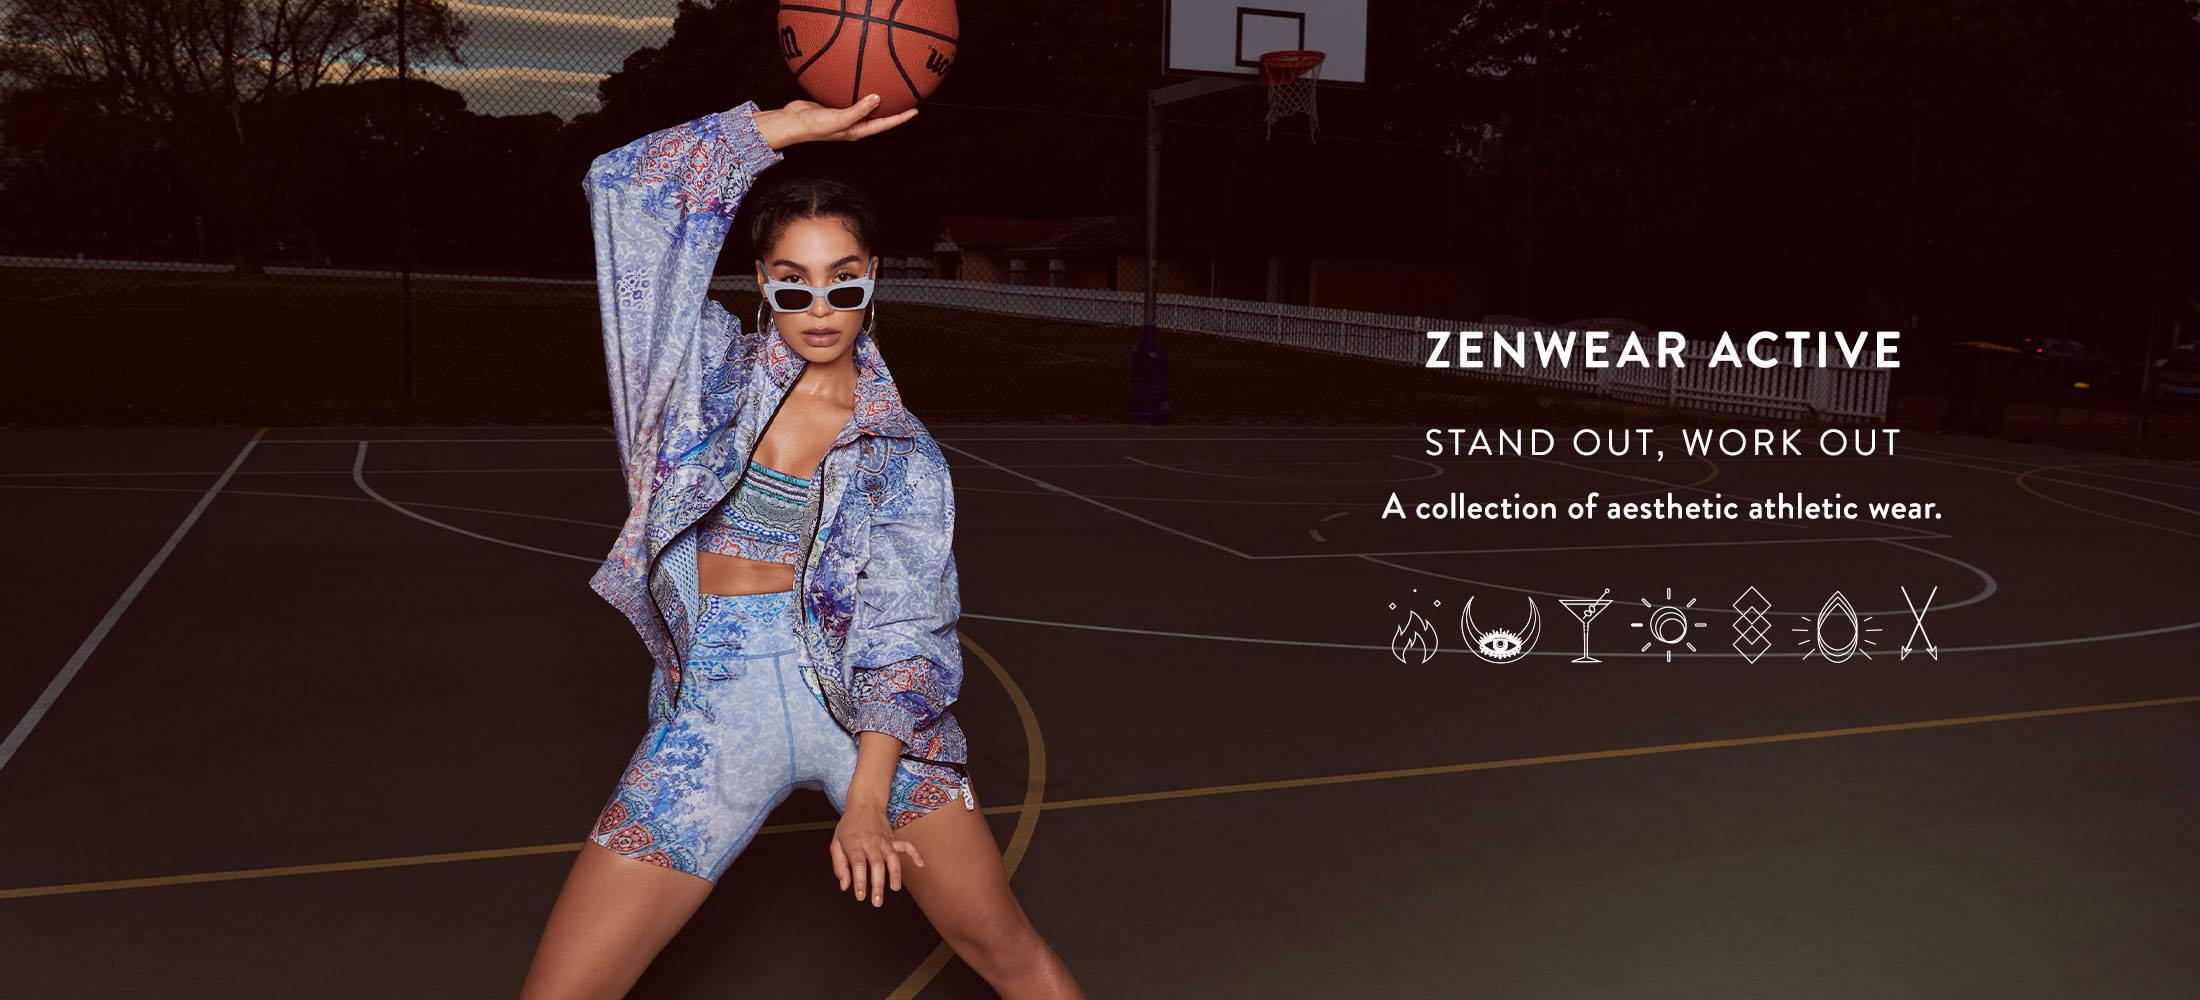 CAMILLA Zenwear Active, CAMILLA blue activewear